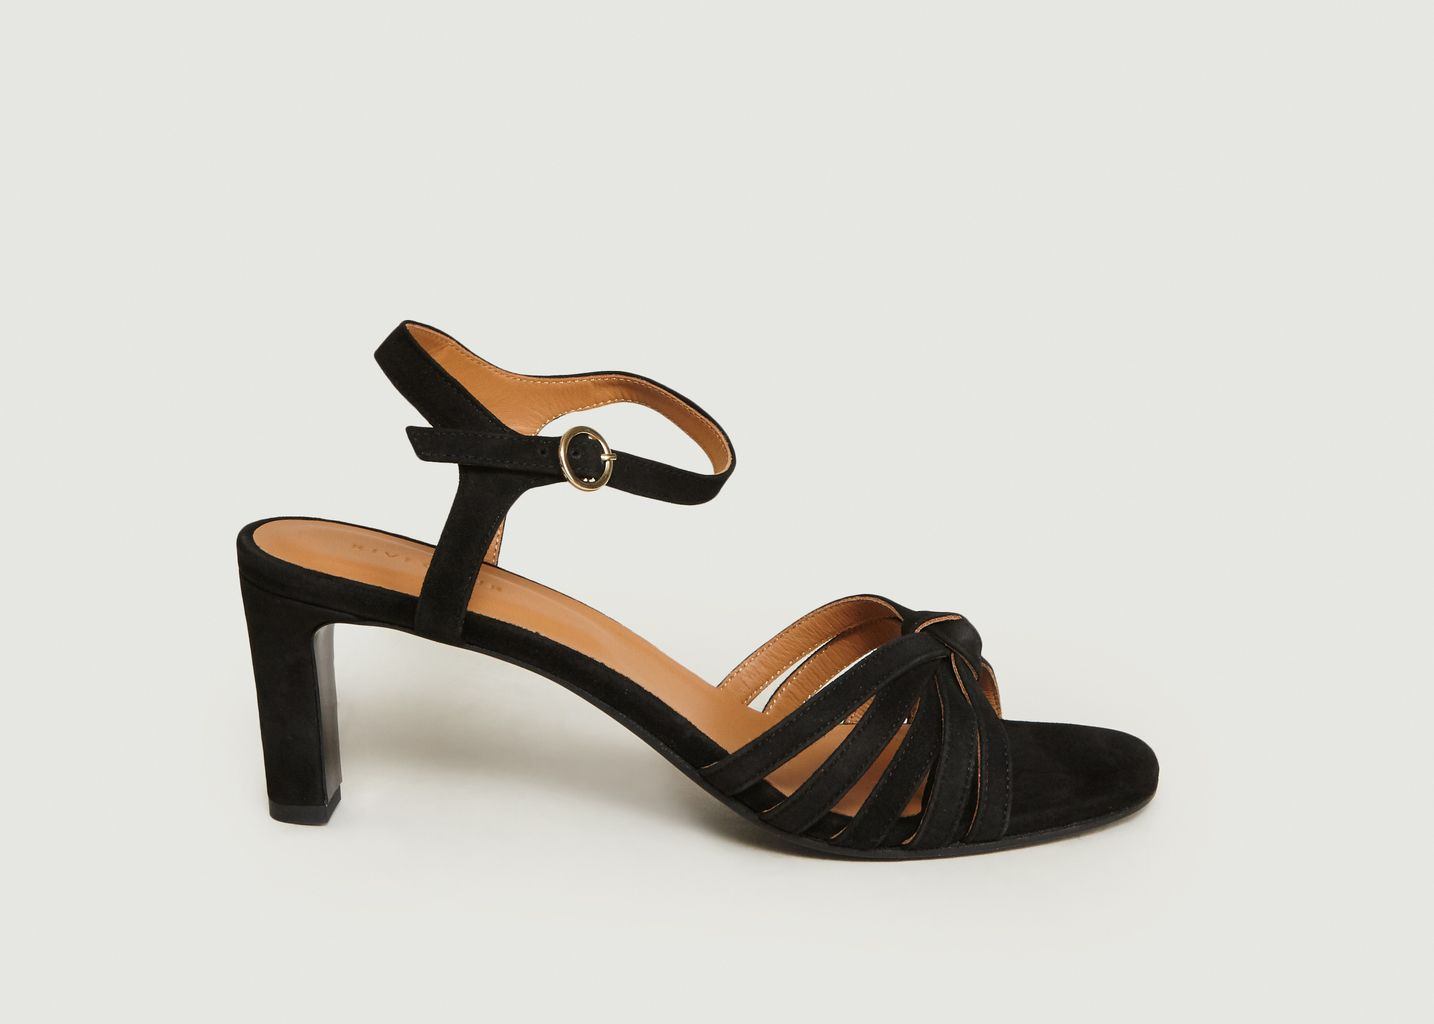 Sandales Noeud N°21 - Rivecour